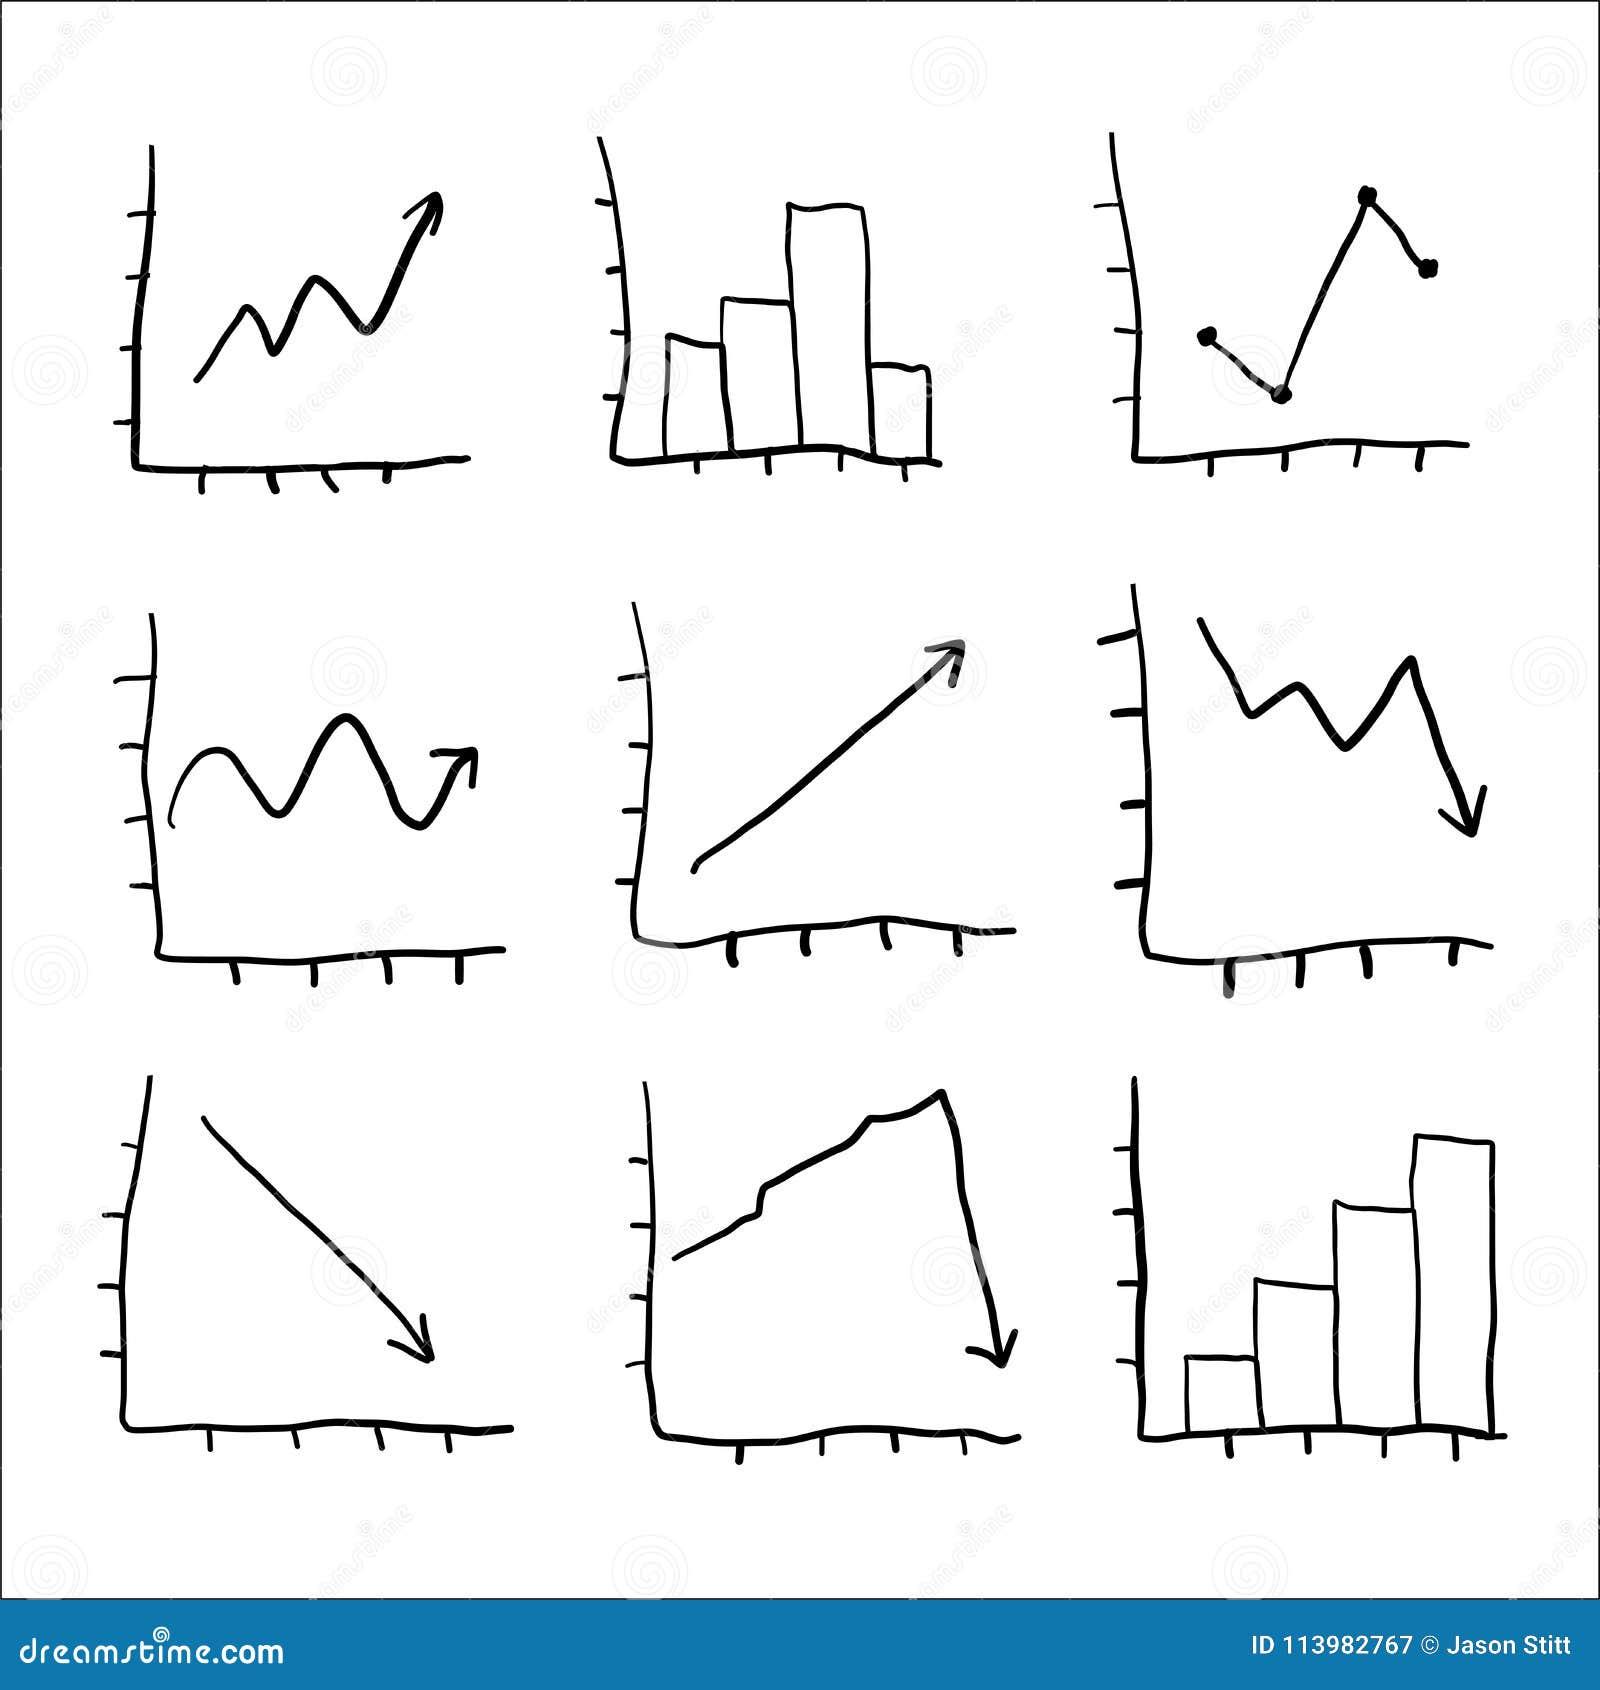 η ανάπτυξη γραφικών παραστάσεων επιχειρησιακών διαγραμμάτων αυξανόμενη ωφελείται τα ποσοστά